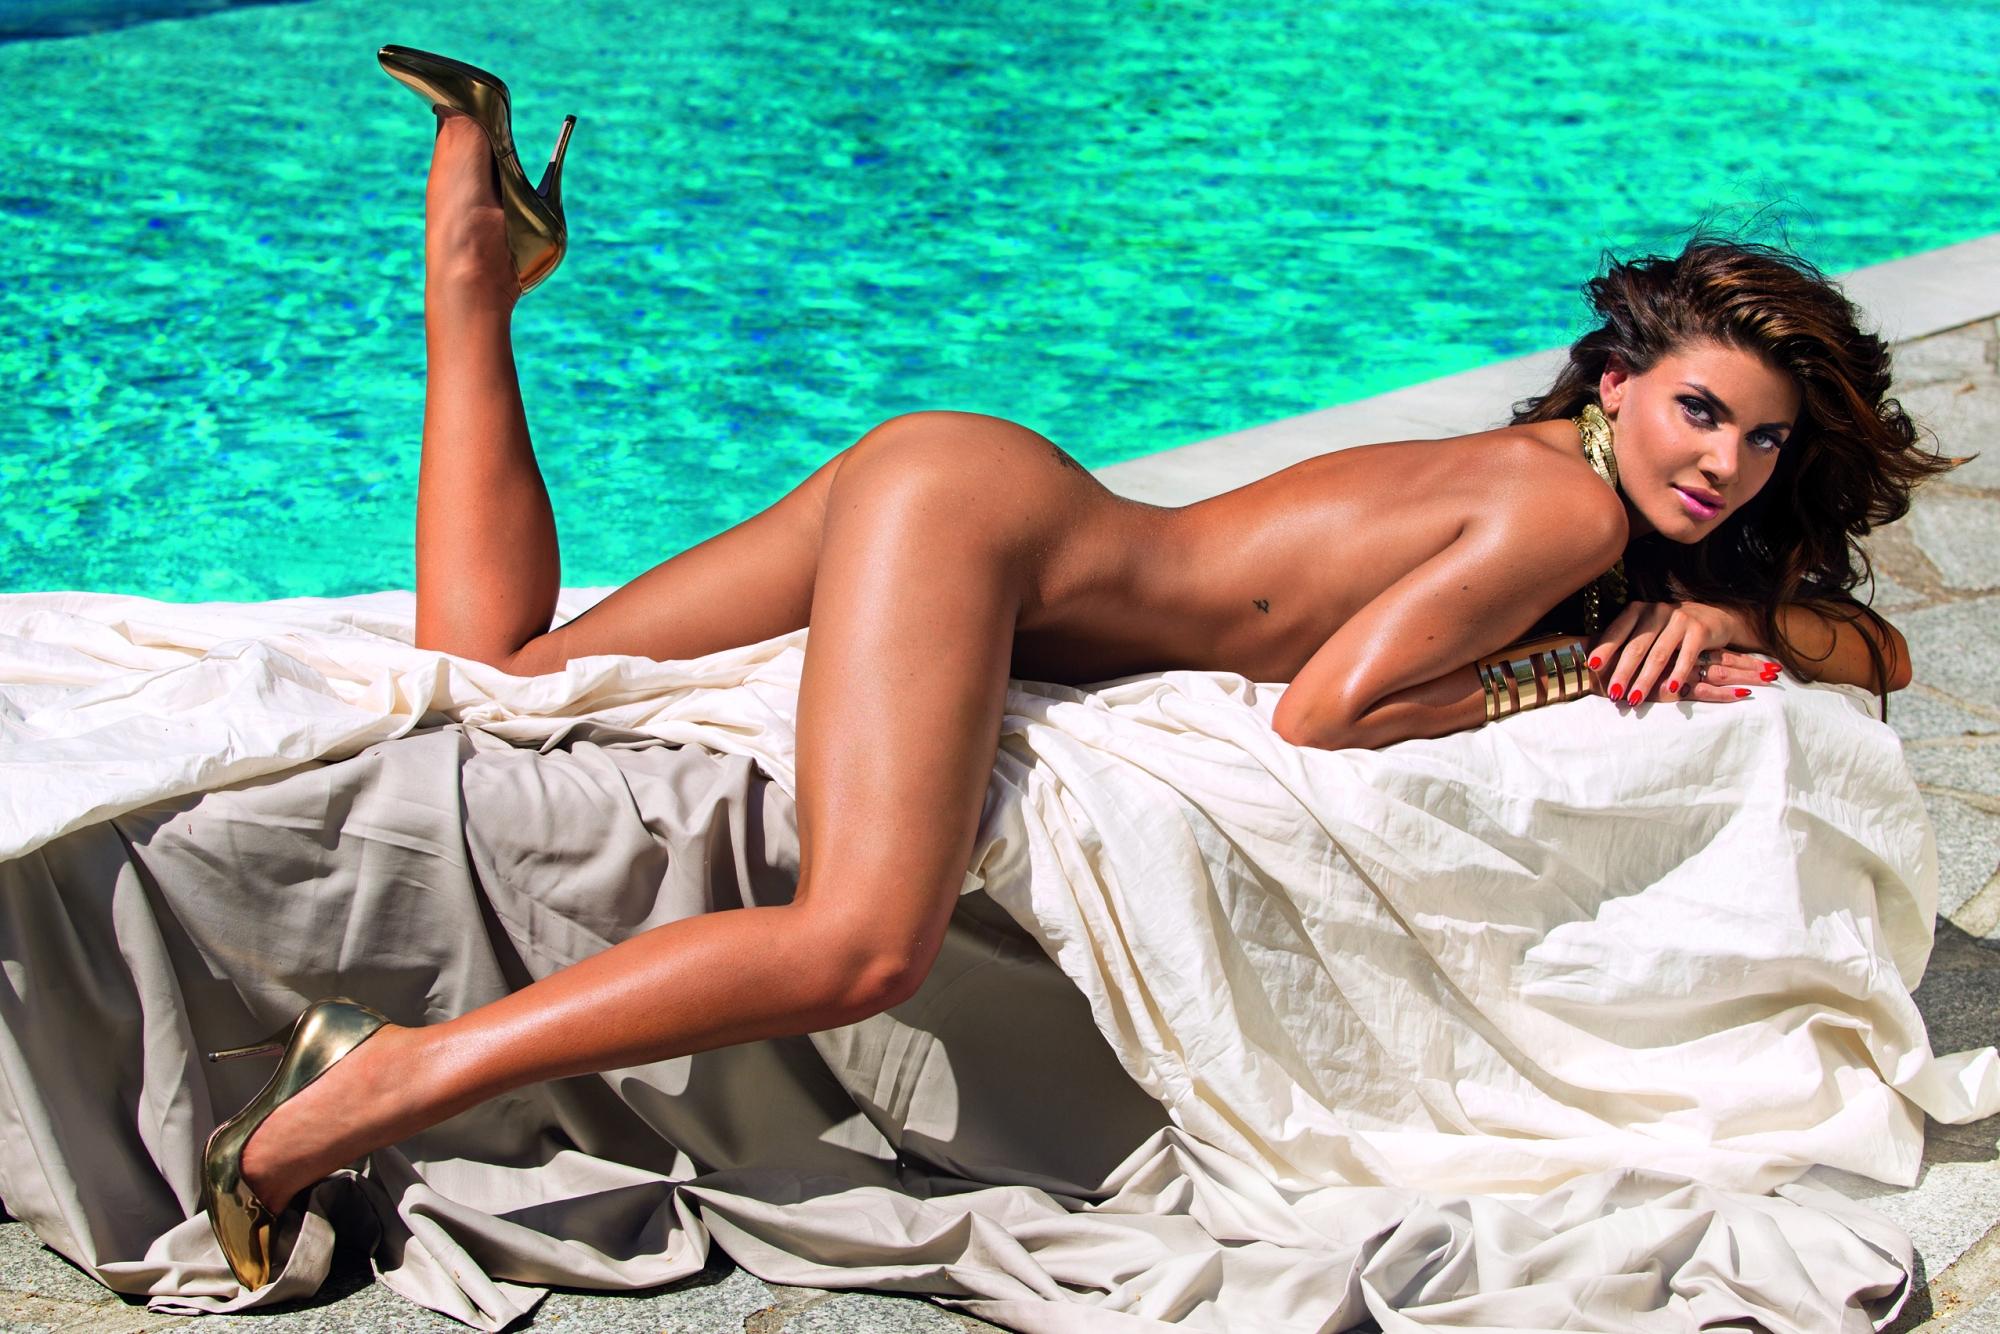 Wodzianka Rozbiera Si Dla Playboya Fotografuje Kuba Wojew Dzki